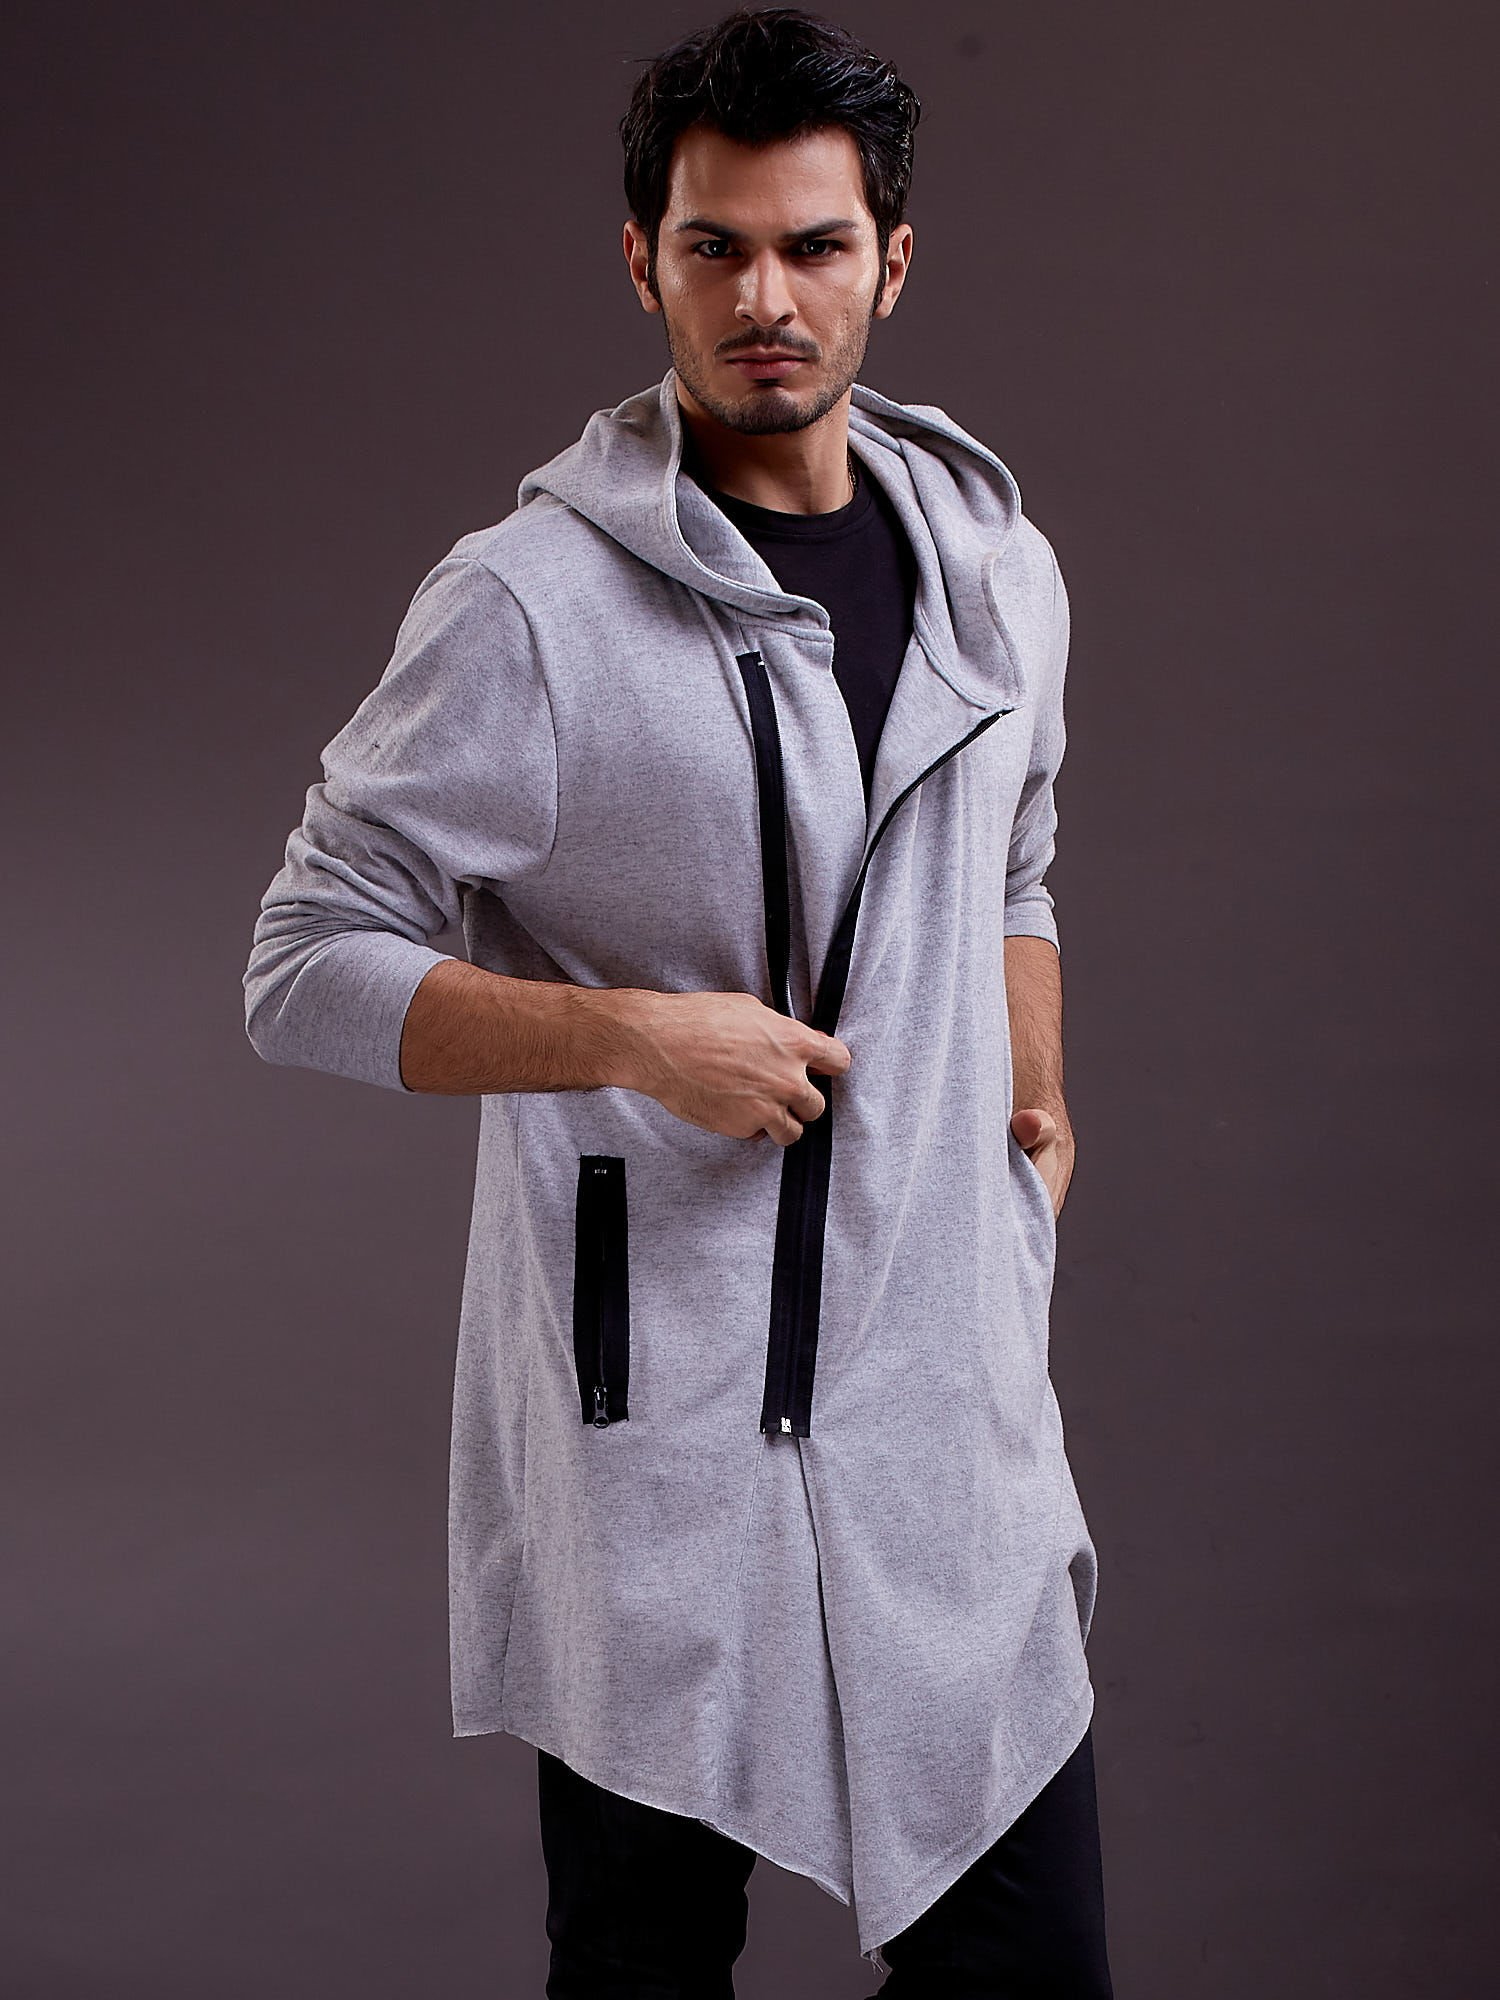 b3a201f181 Szara melanżowa bluza męska z asymetrycznym suwakiem - Mężczyźni ...